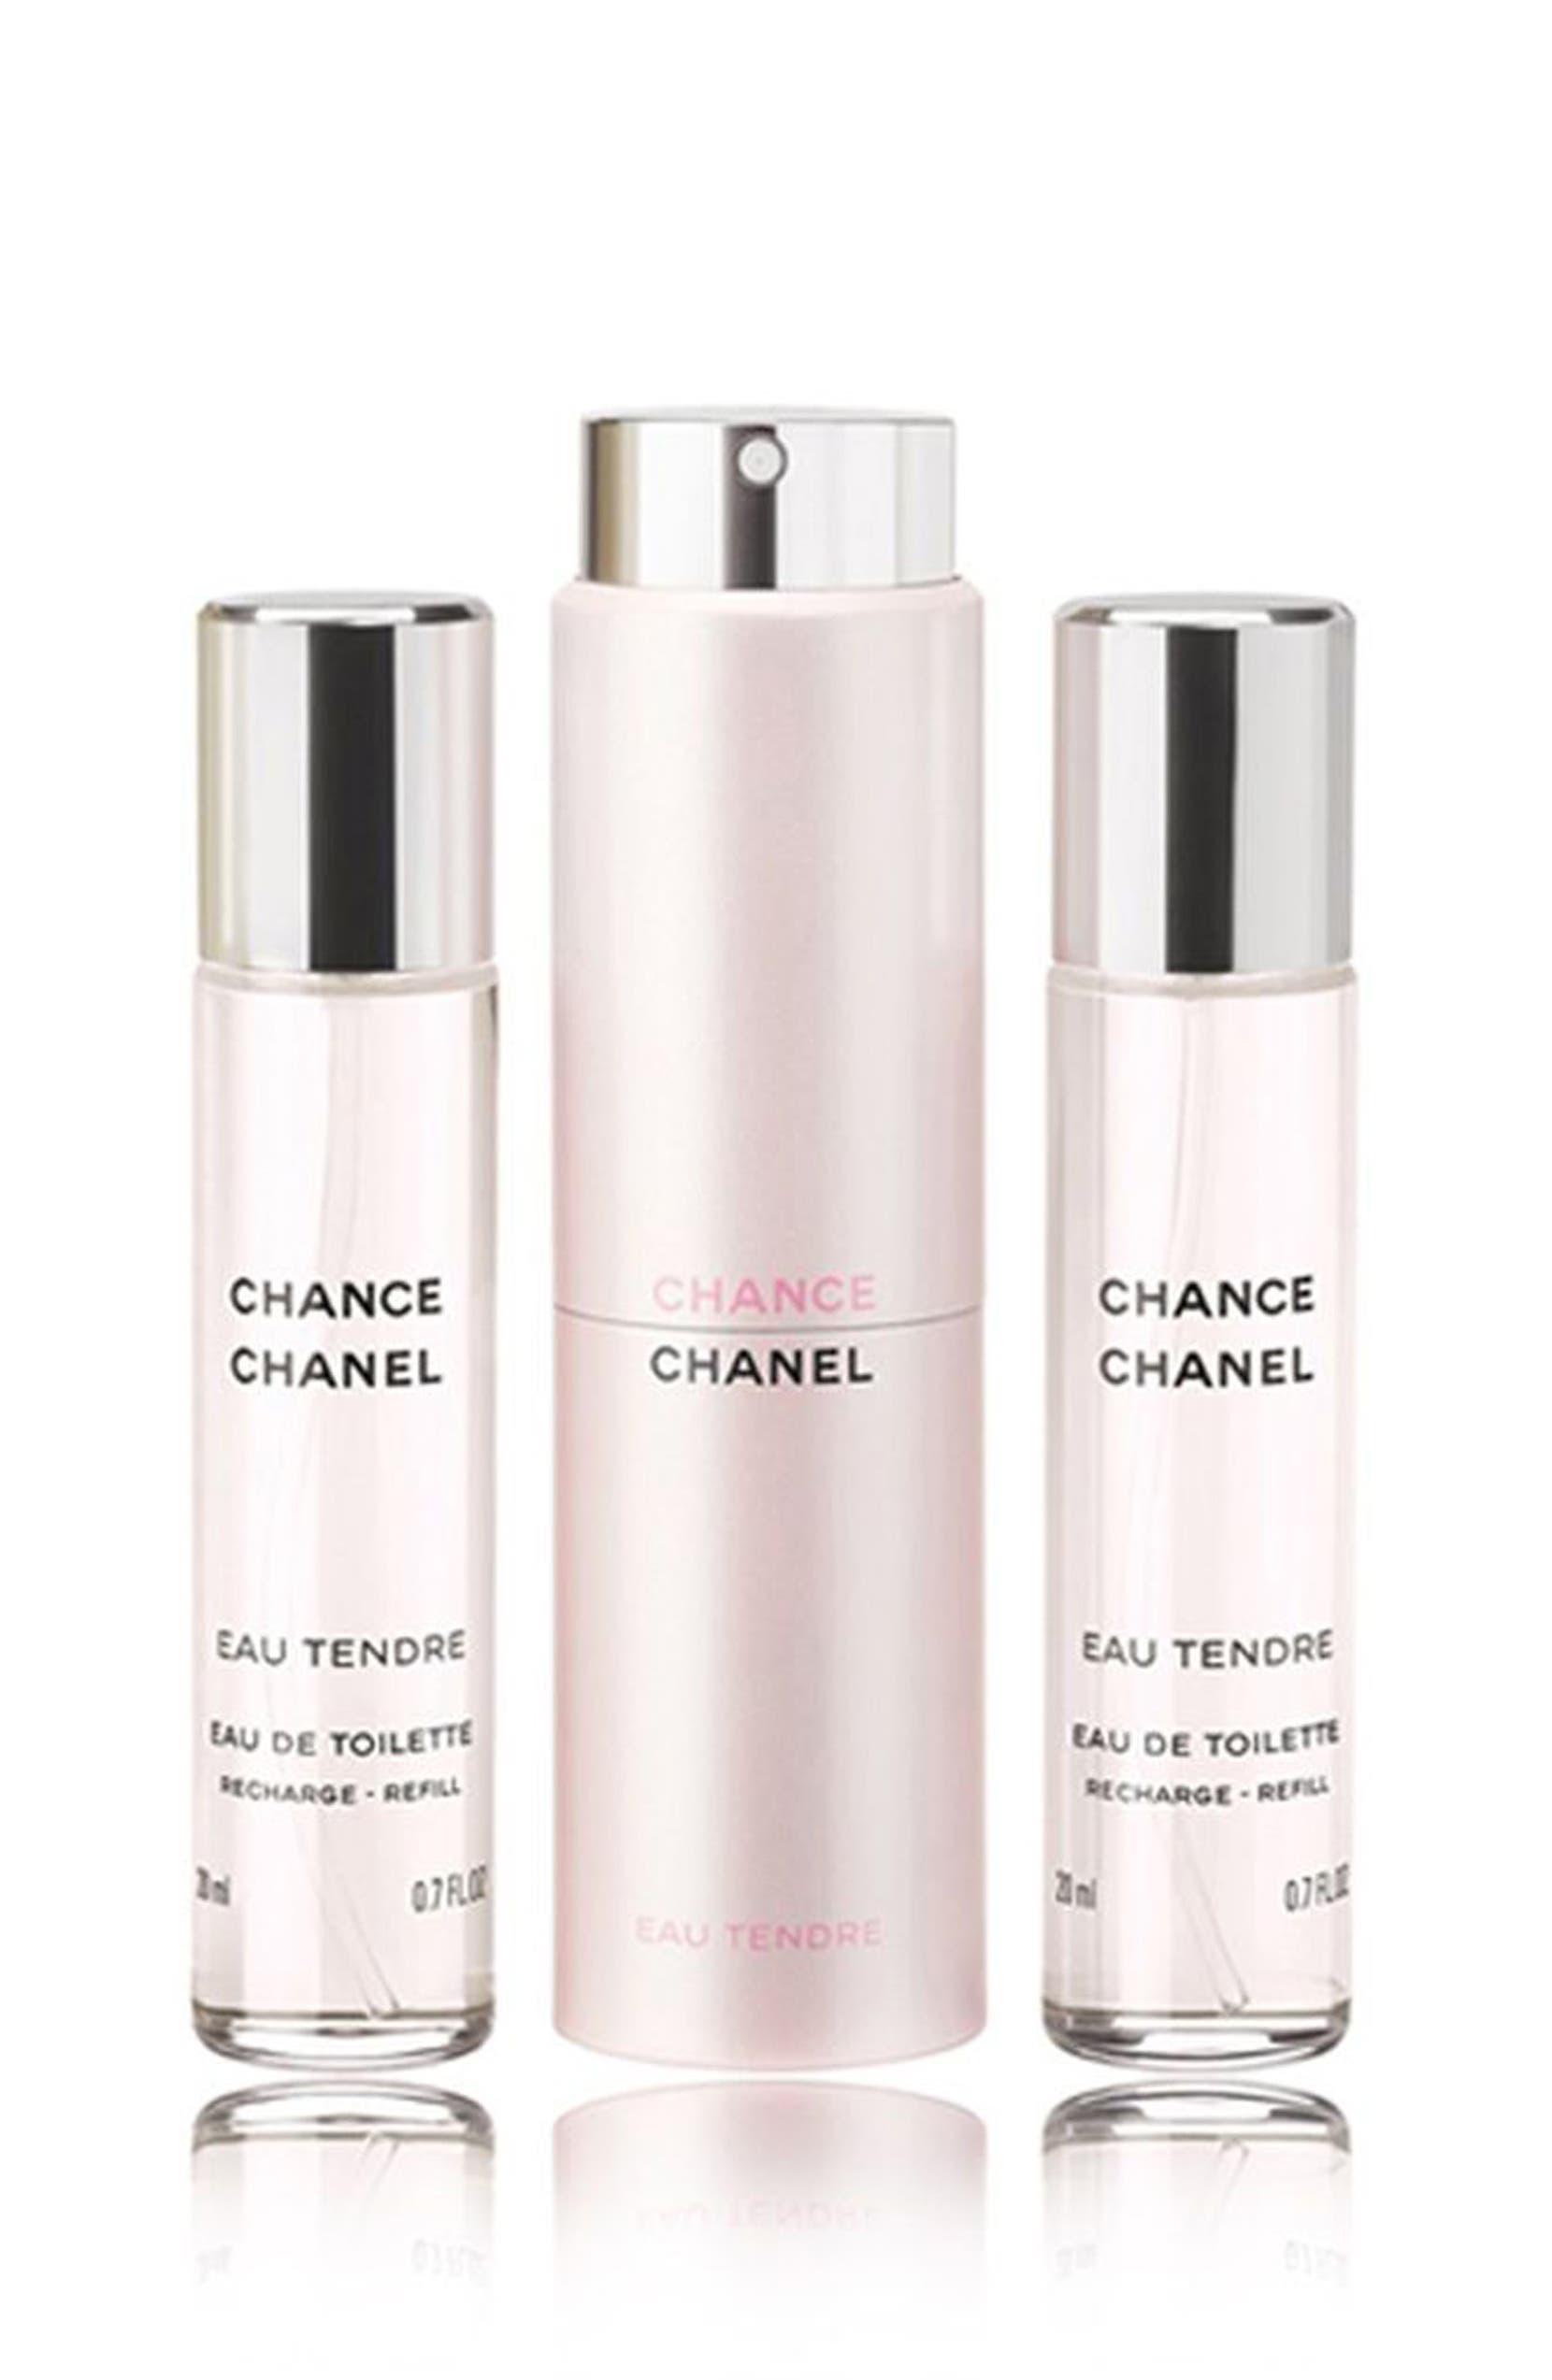 CHANEL CHANCE EAU TENDRE Eau de Toilette Twist   Spray  99d7cb0d5